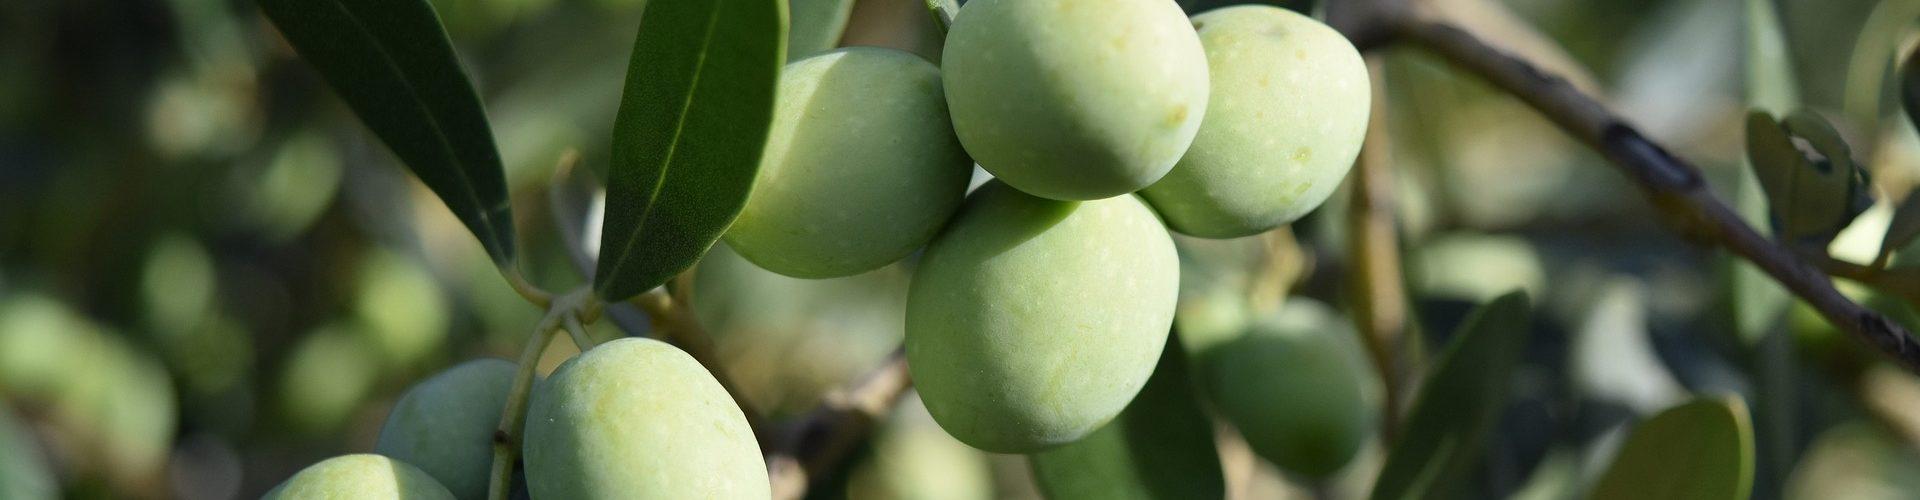 Oliver på olivträd